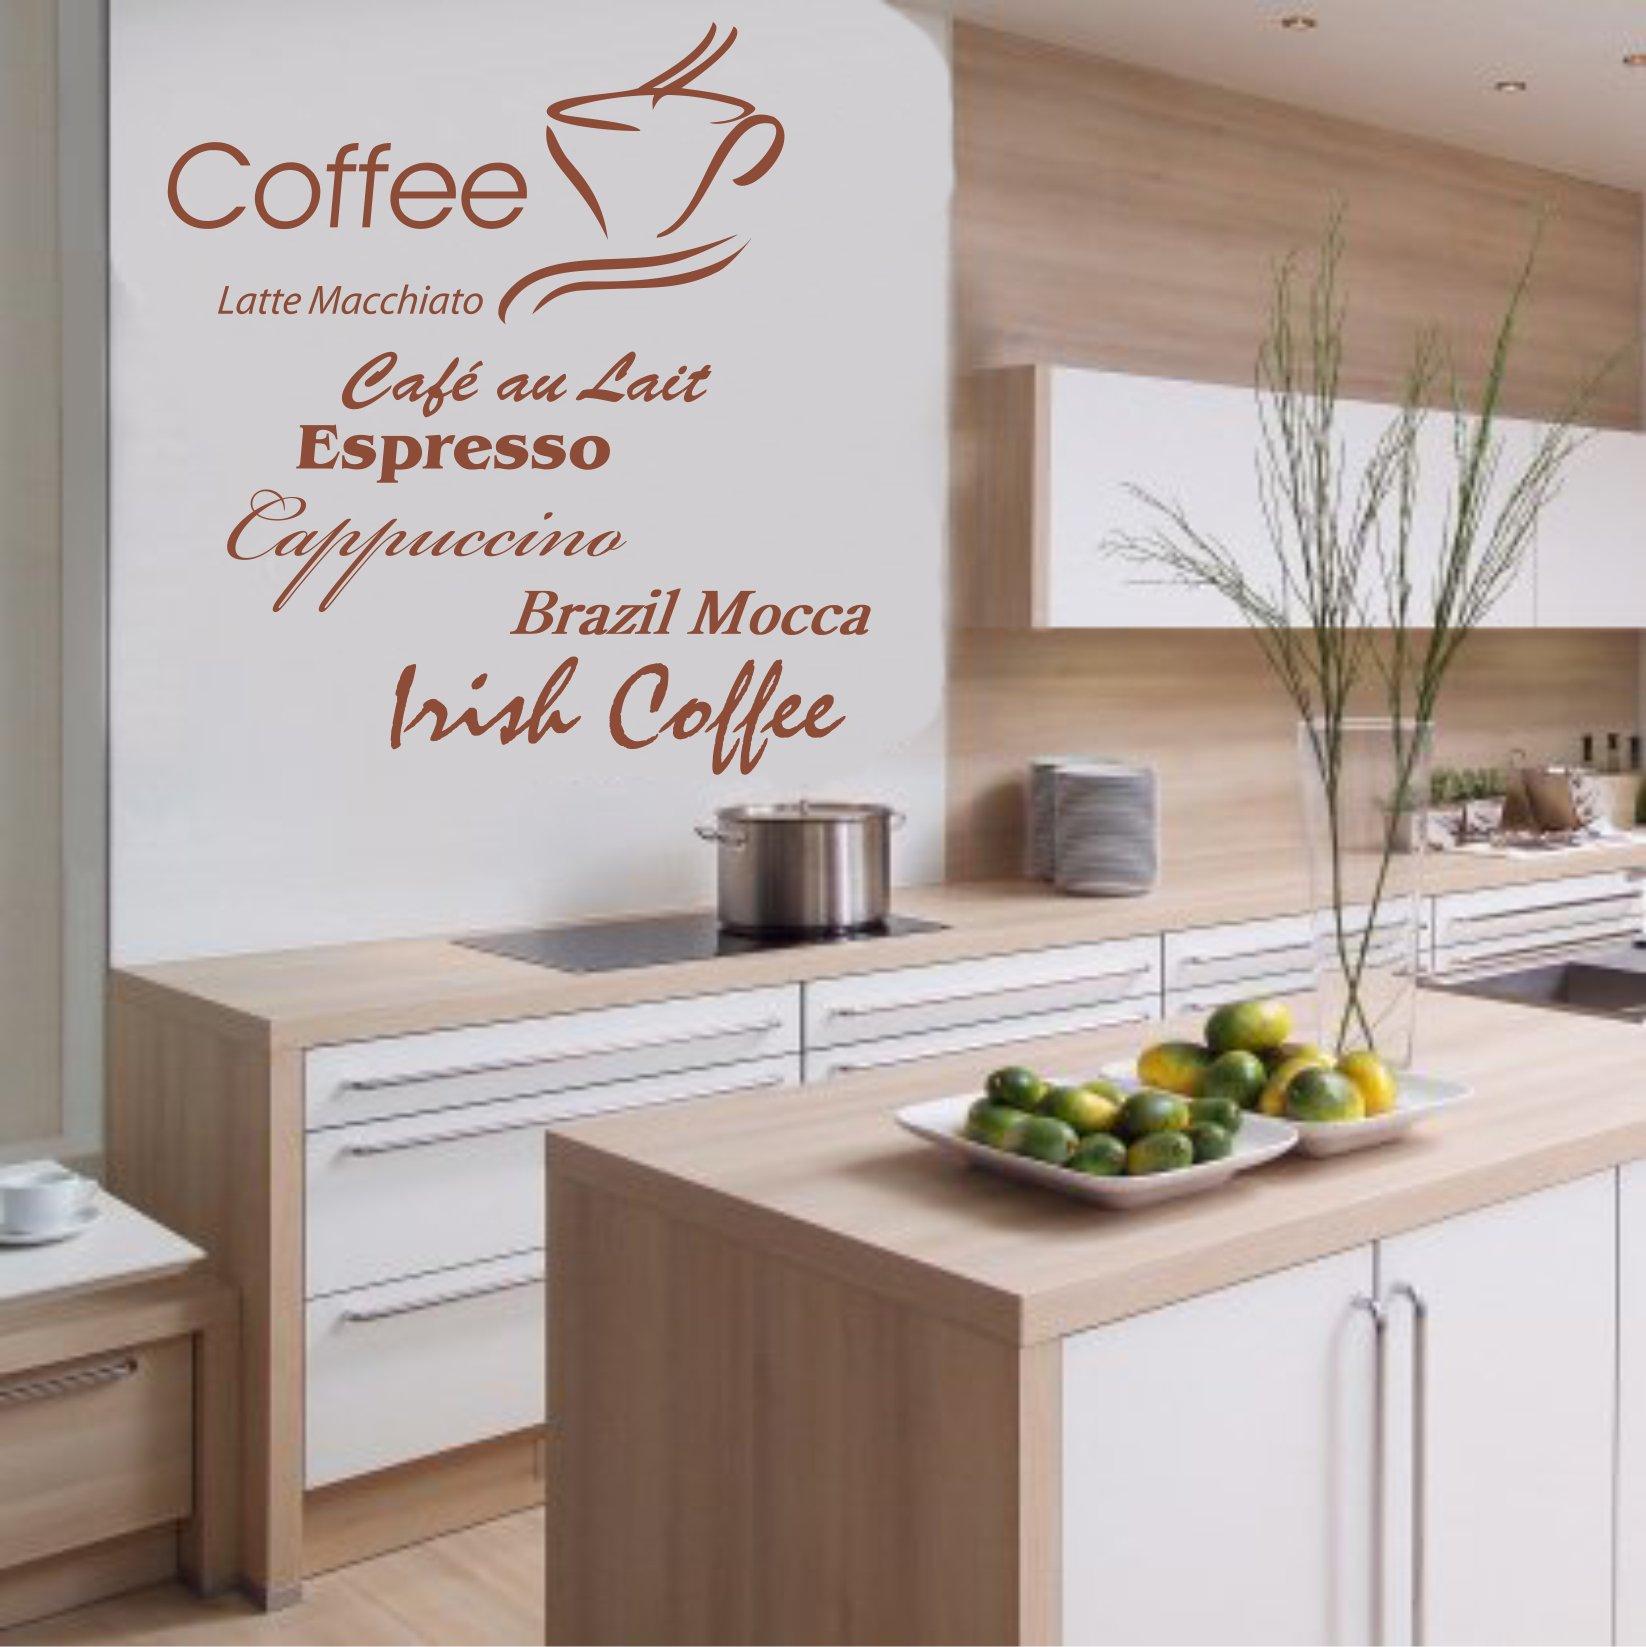 Bezaubernd Küchen Wandtattoo Foto Von Indigos W198 Küche Kaffee Mit Coffee, Csuperbuccino